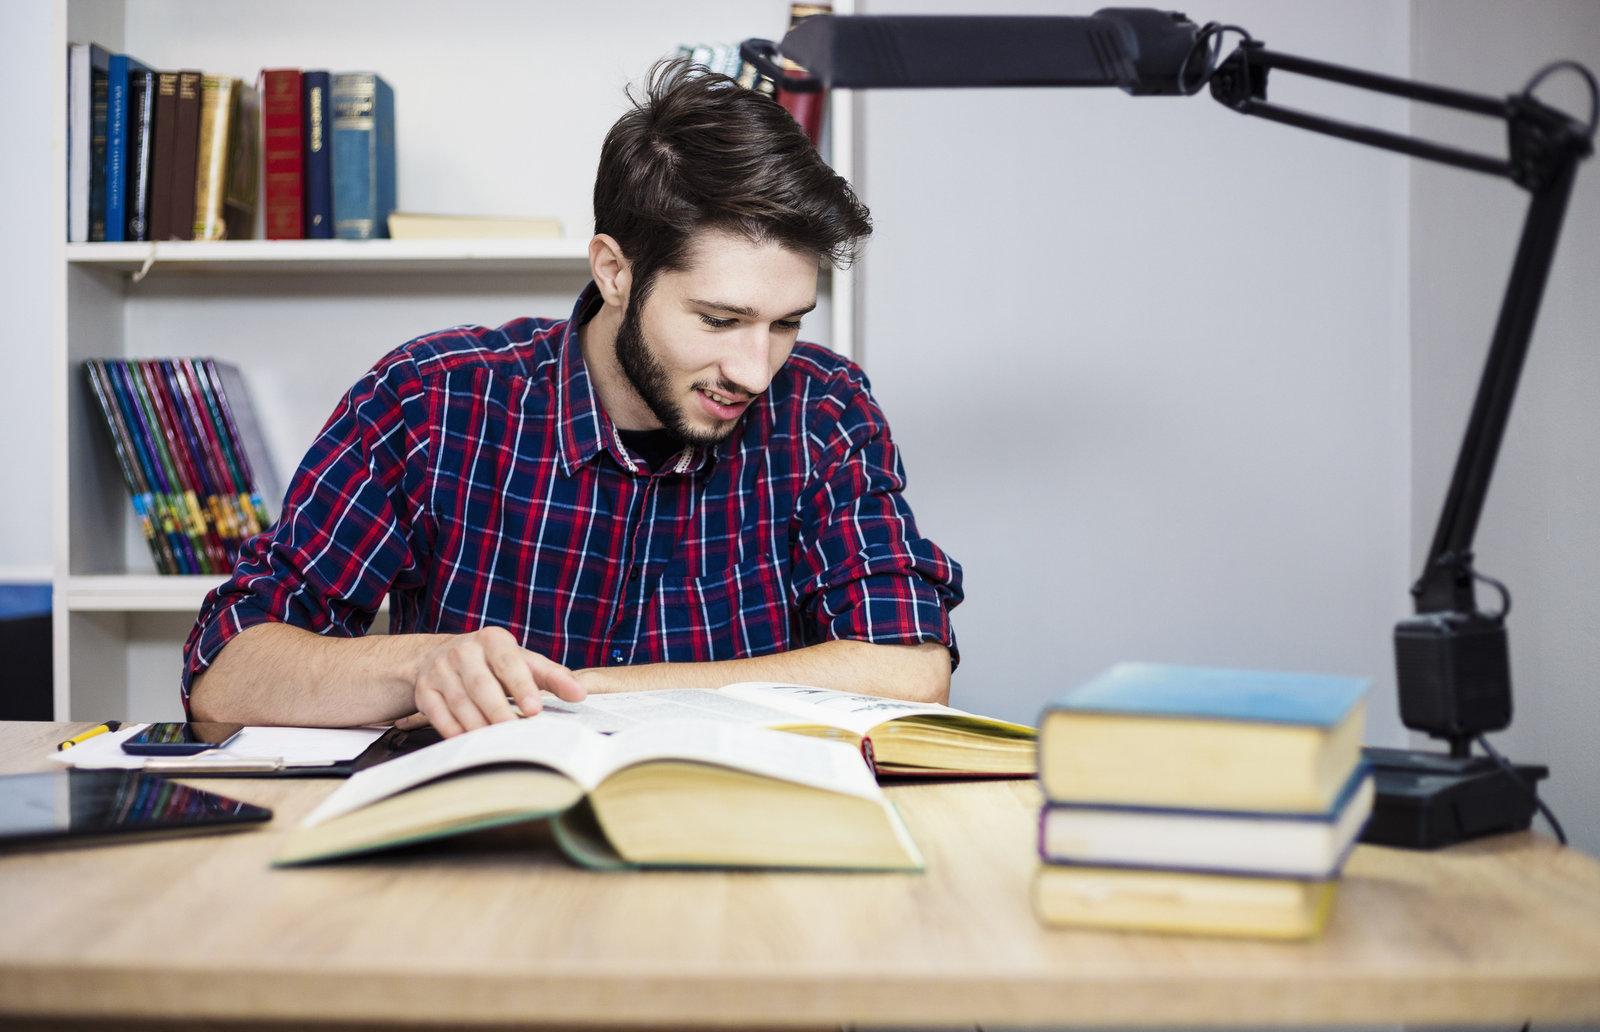 Student Fonds Ausbildungsförderung © Sladic/[iStock/Getty Images Plus]/Getty Images